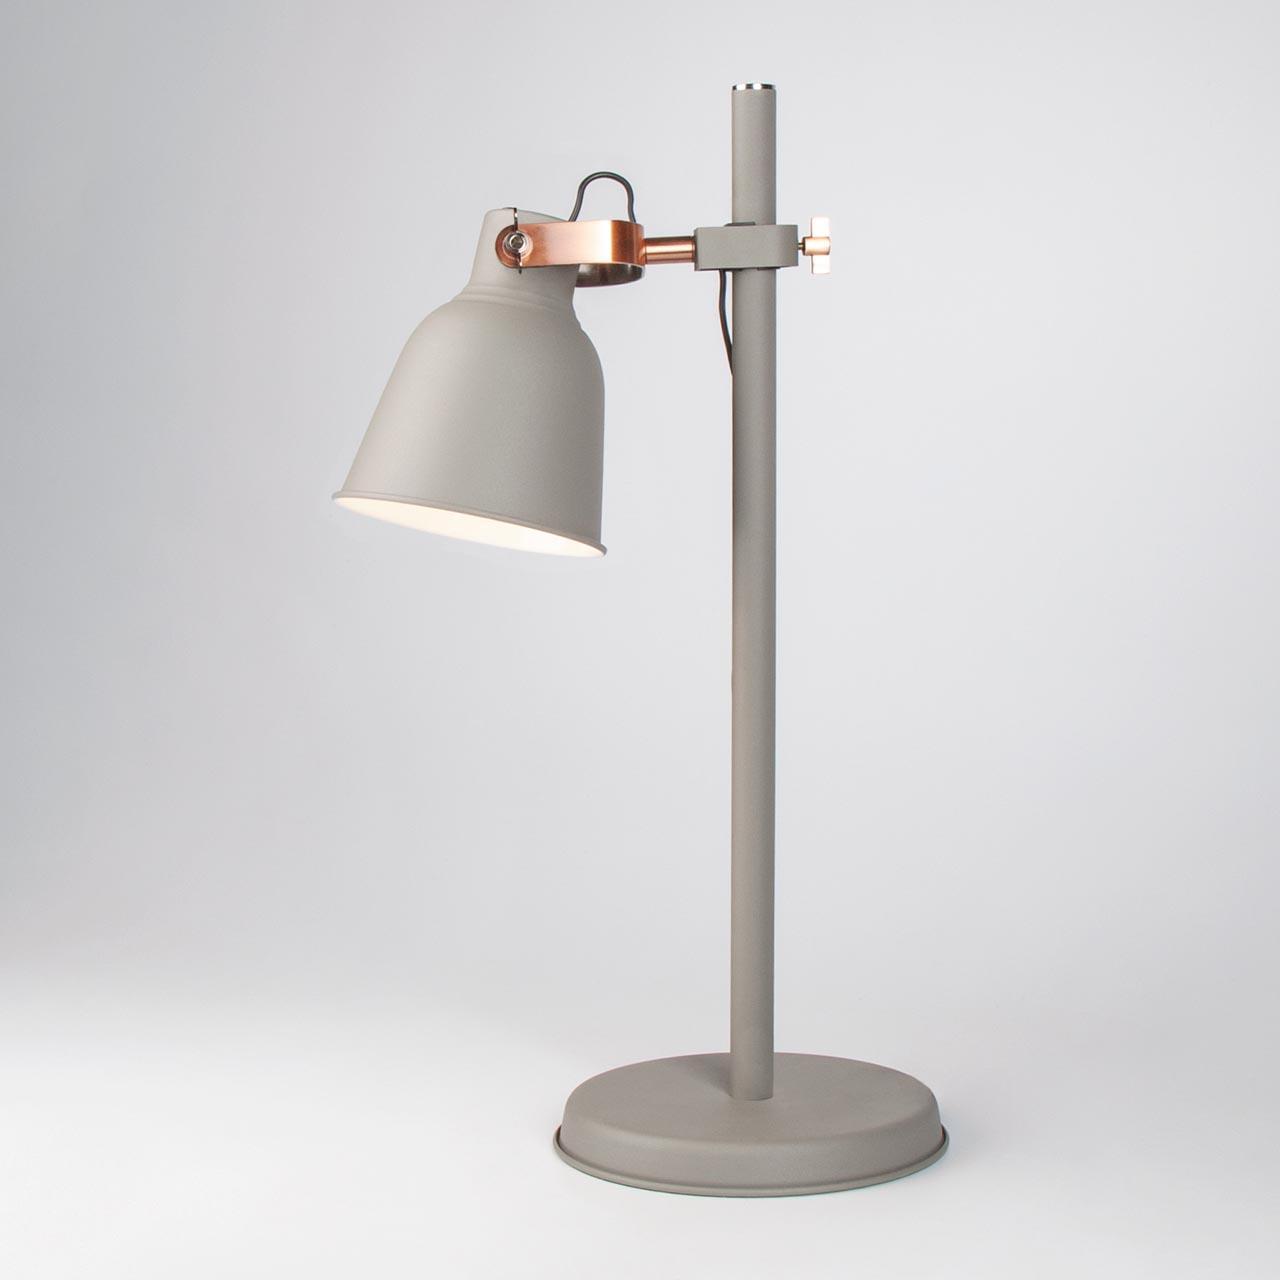 Настольная лампа Eurosvet Projector 01031/1 серый цена